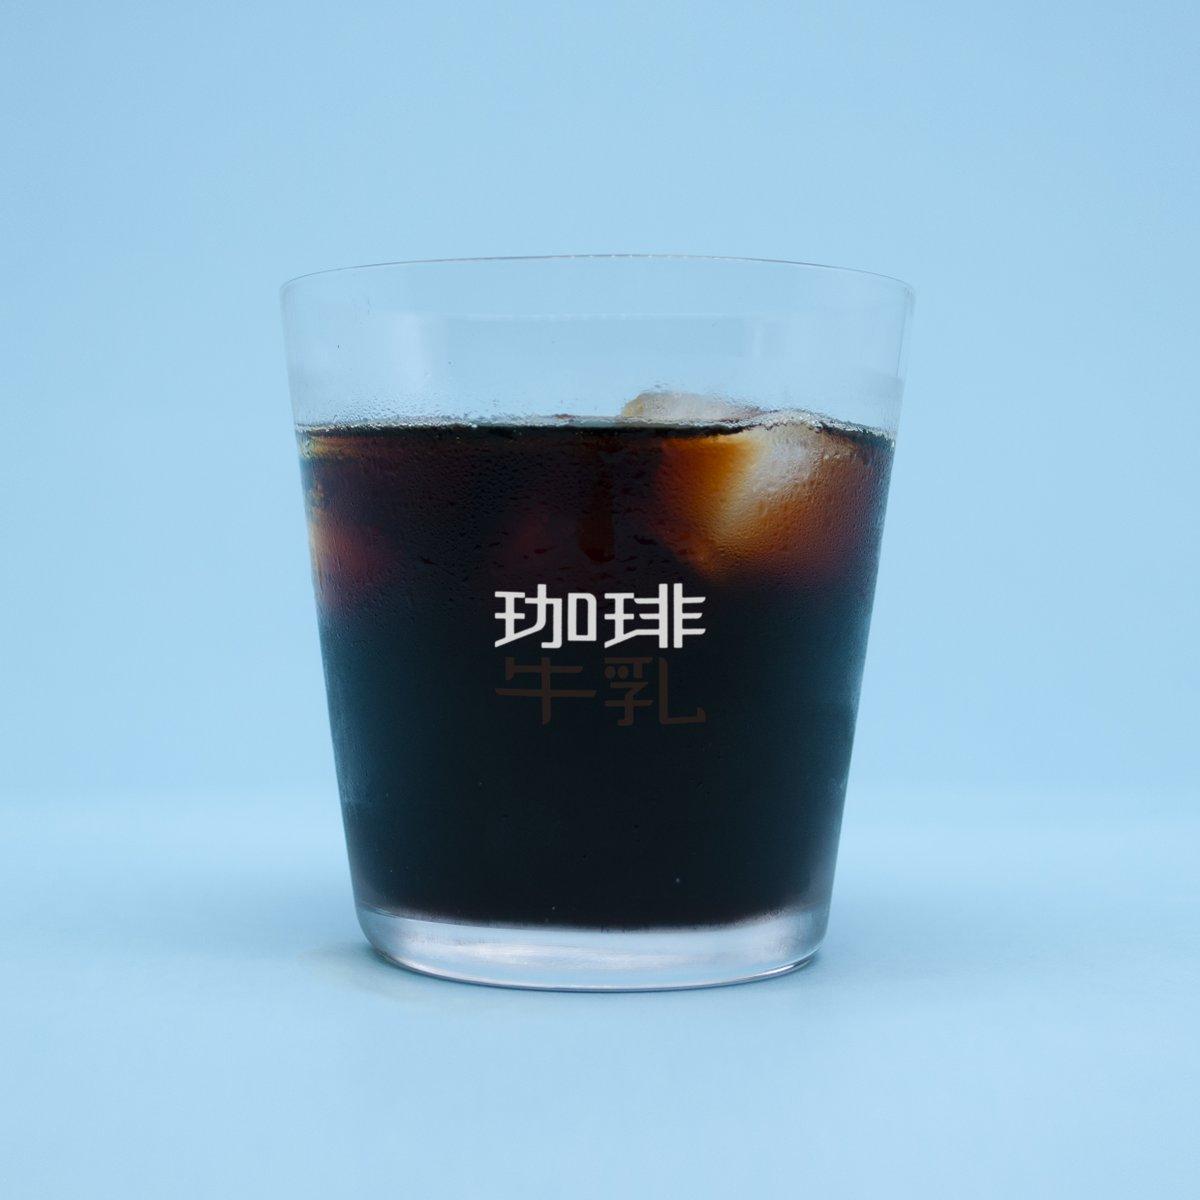 珈琲牛乳のグラス